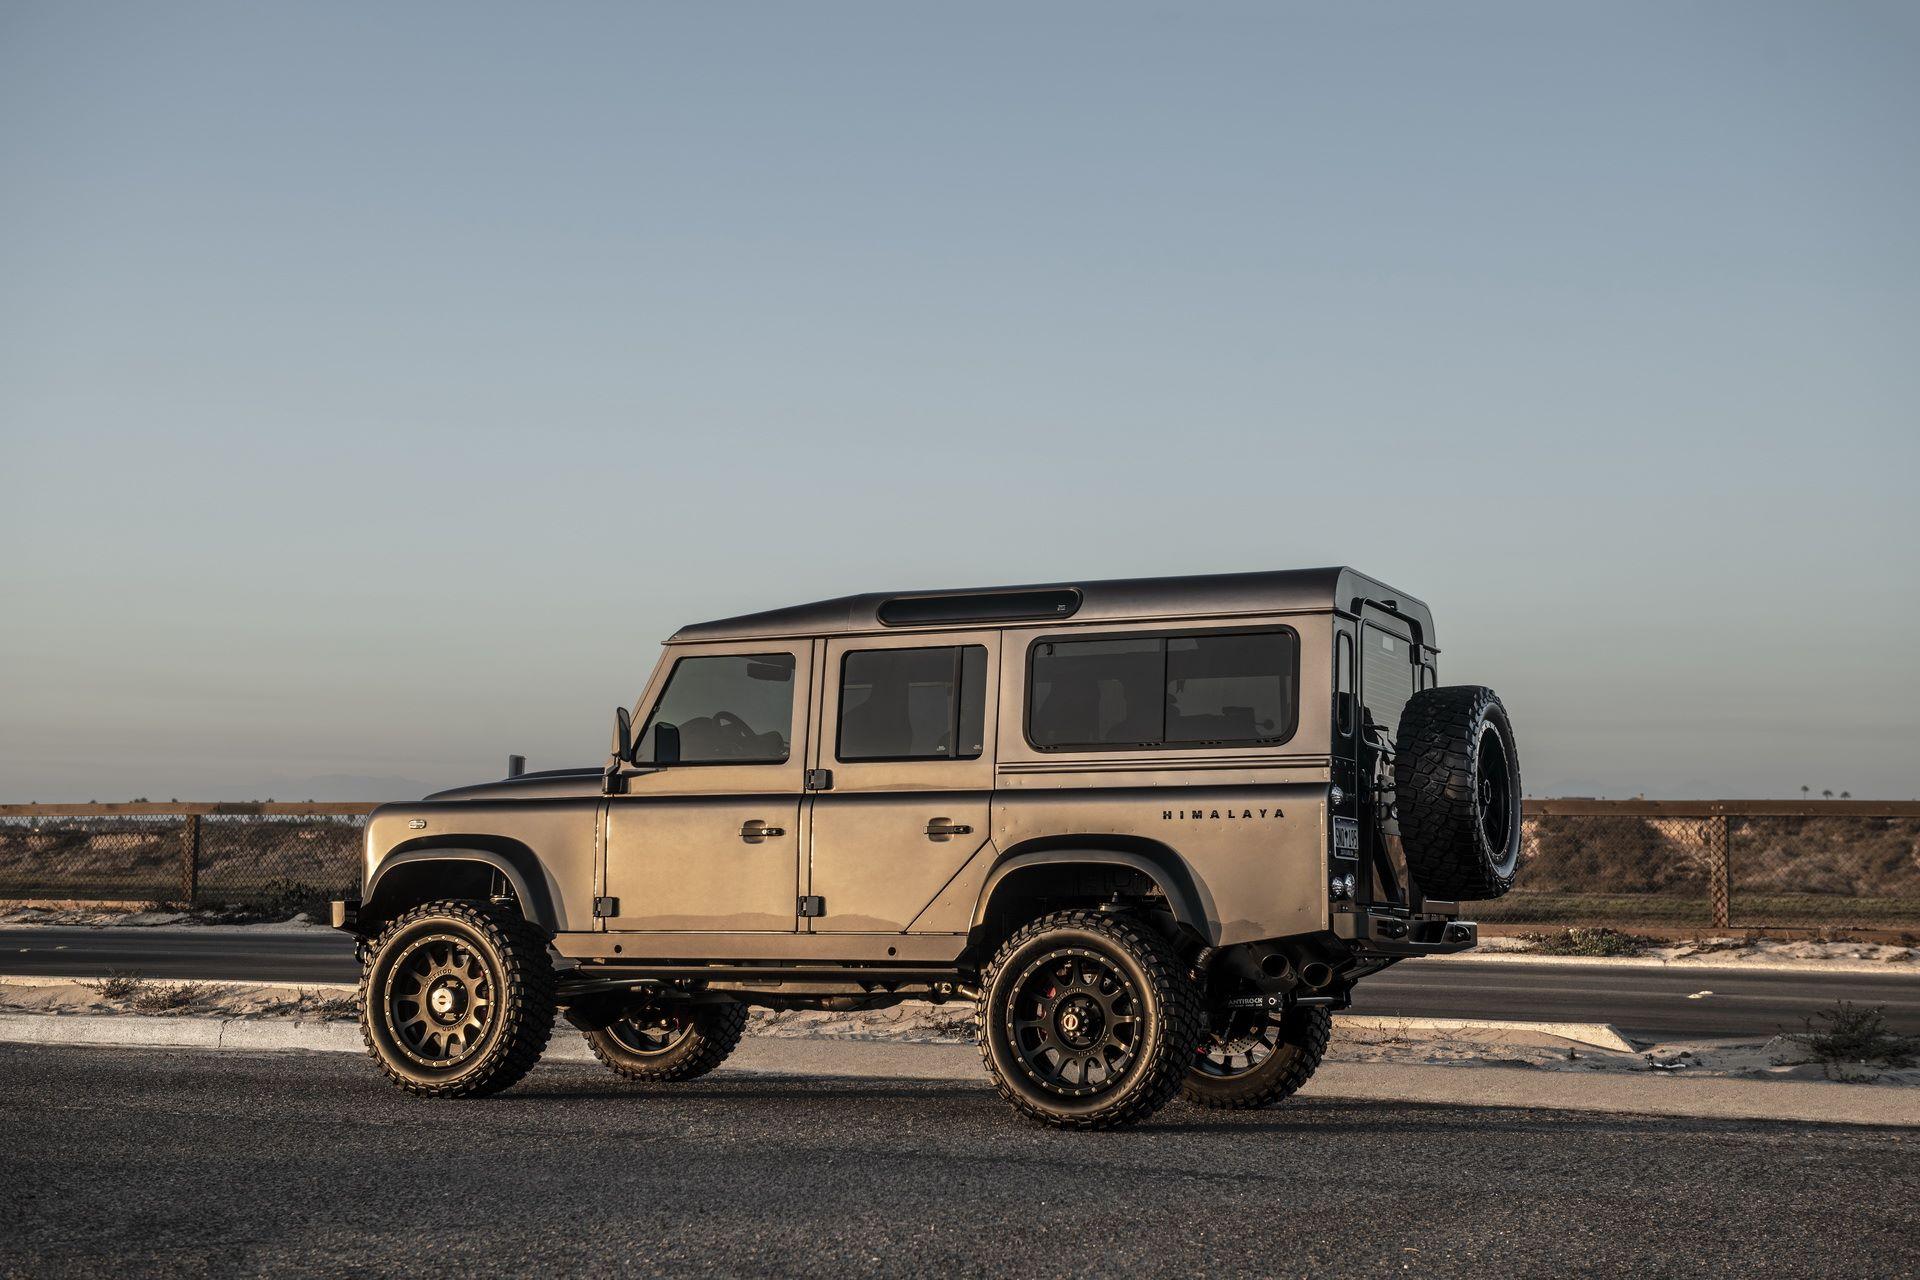 Land-Rover-Defender-650-Himalaya-4